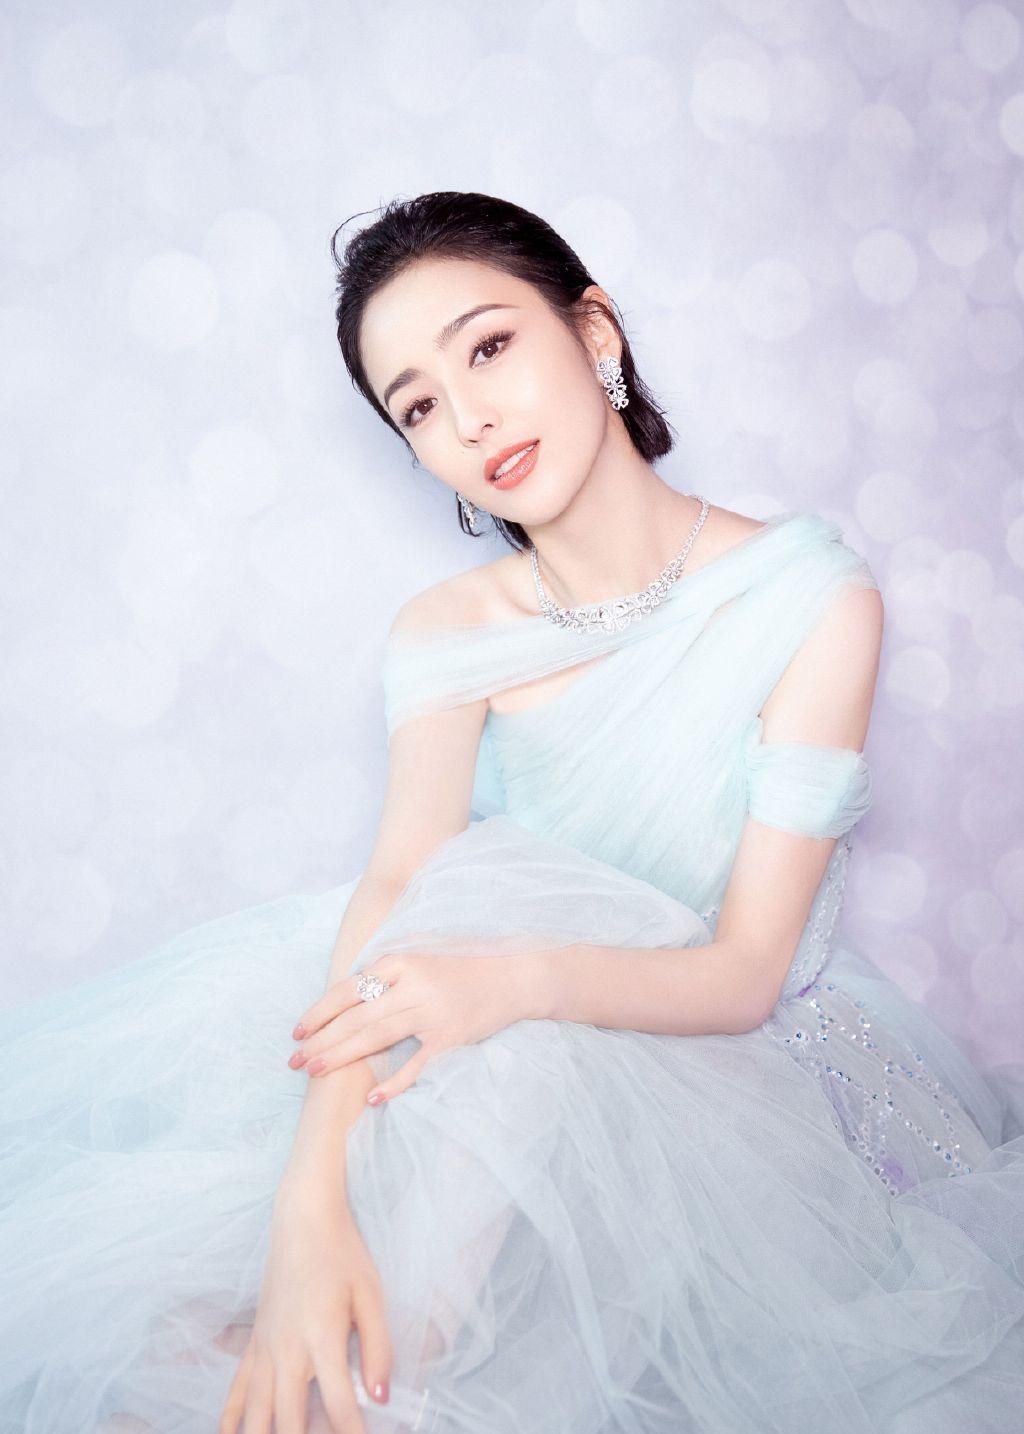 女演员佟丽娅,轻纱长裙,温婉优雅写真图集